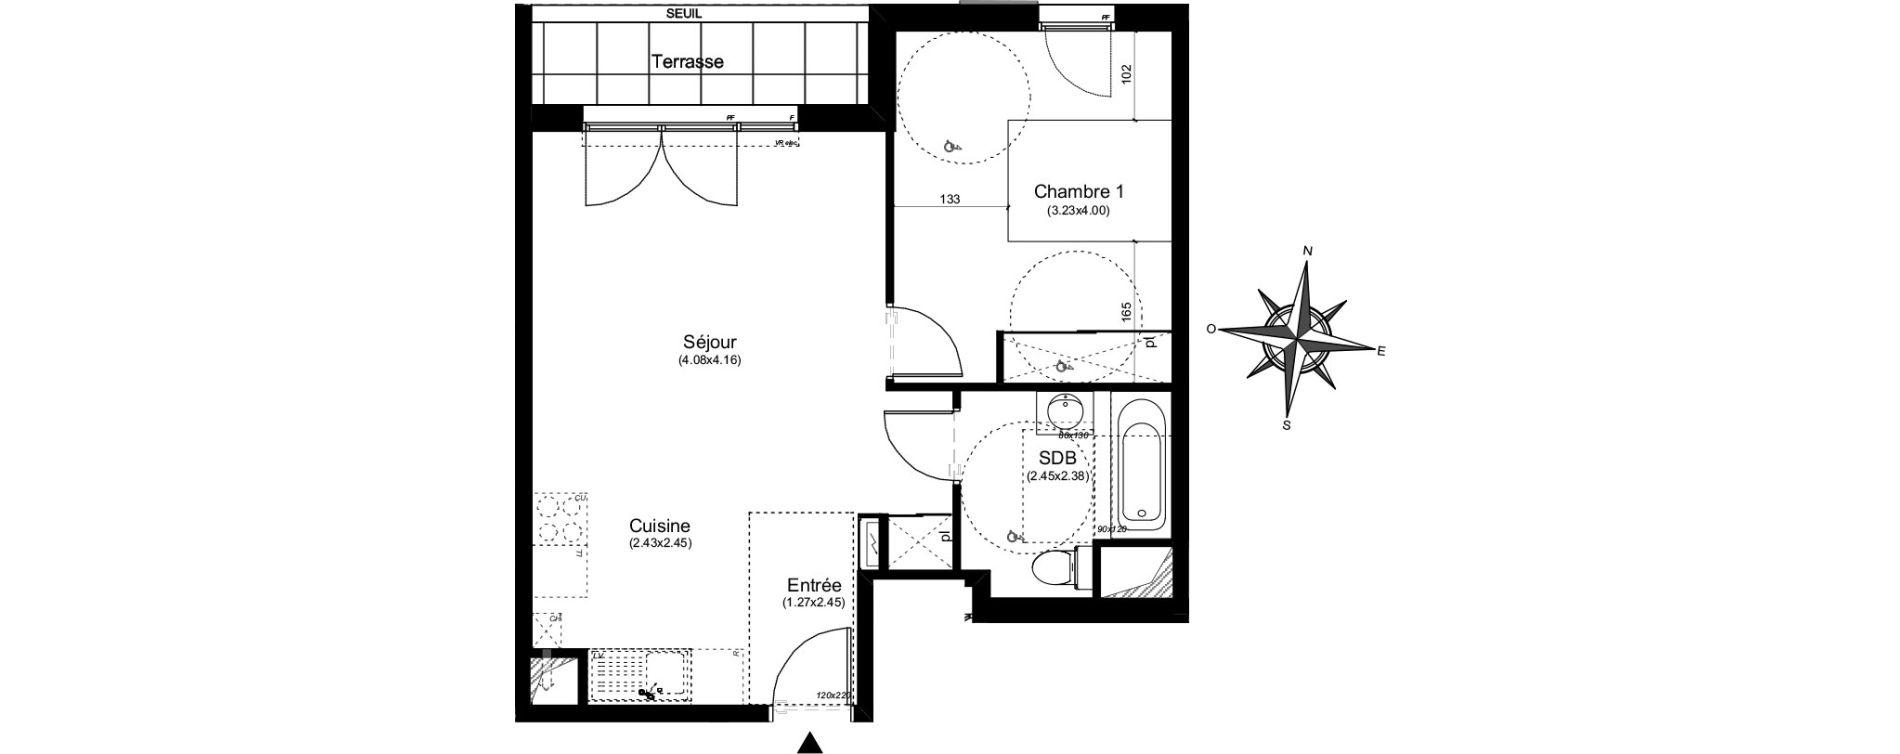 Appartement T2 de 45,72 m2 à Aix-En-Provence Puyricard - couteron